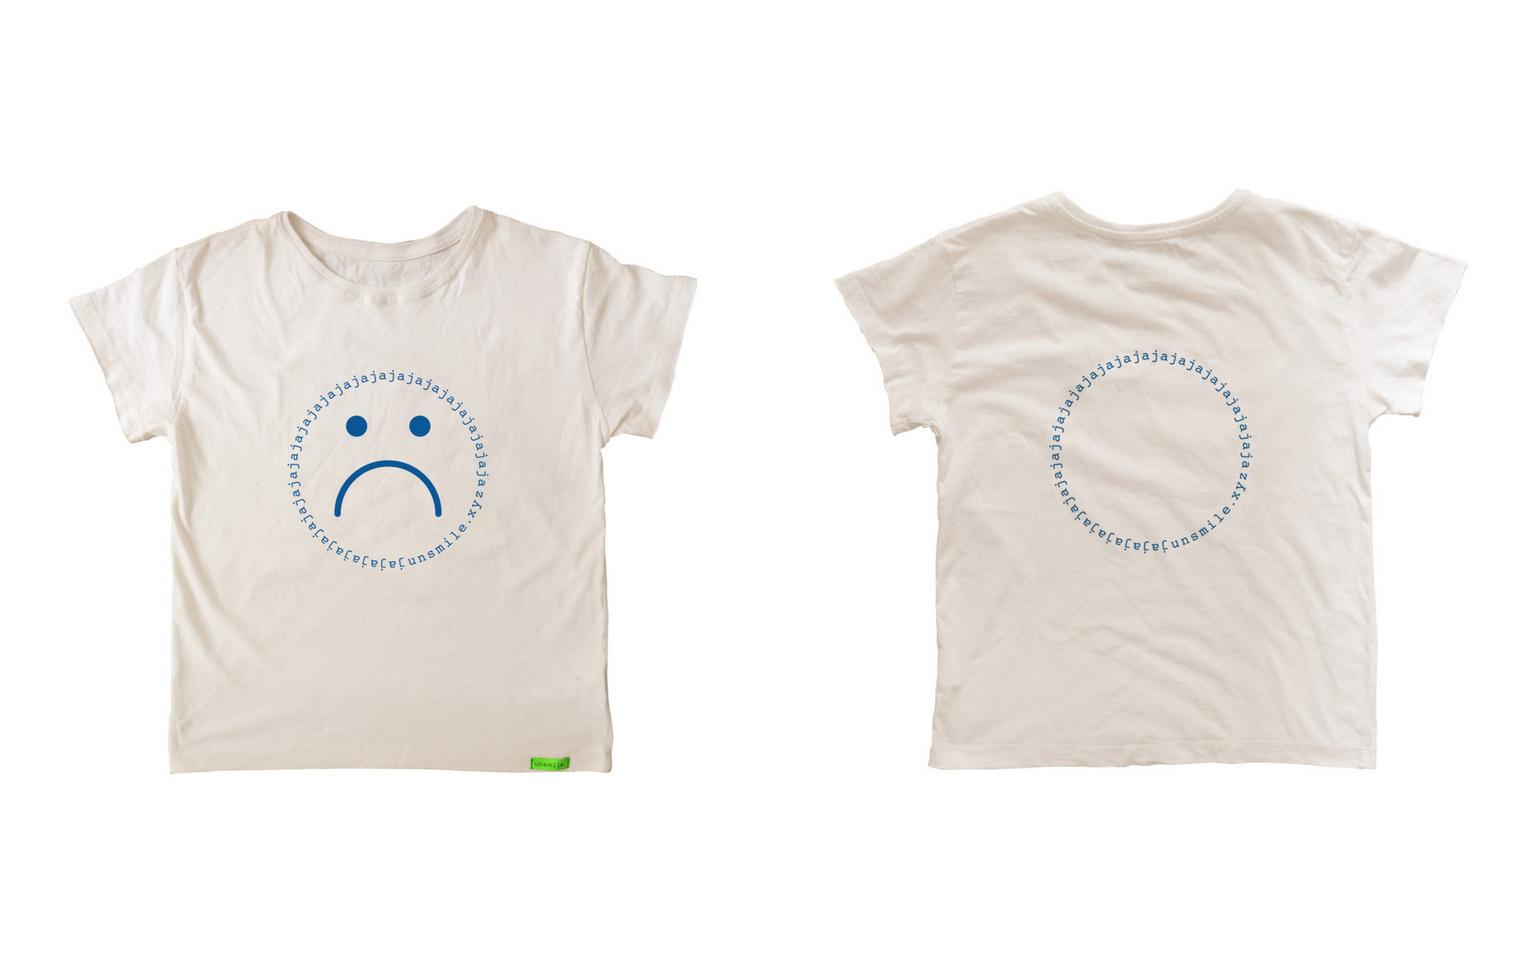 https://unsmile.xyz/shop/camiseta-cero/